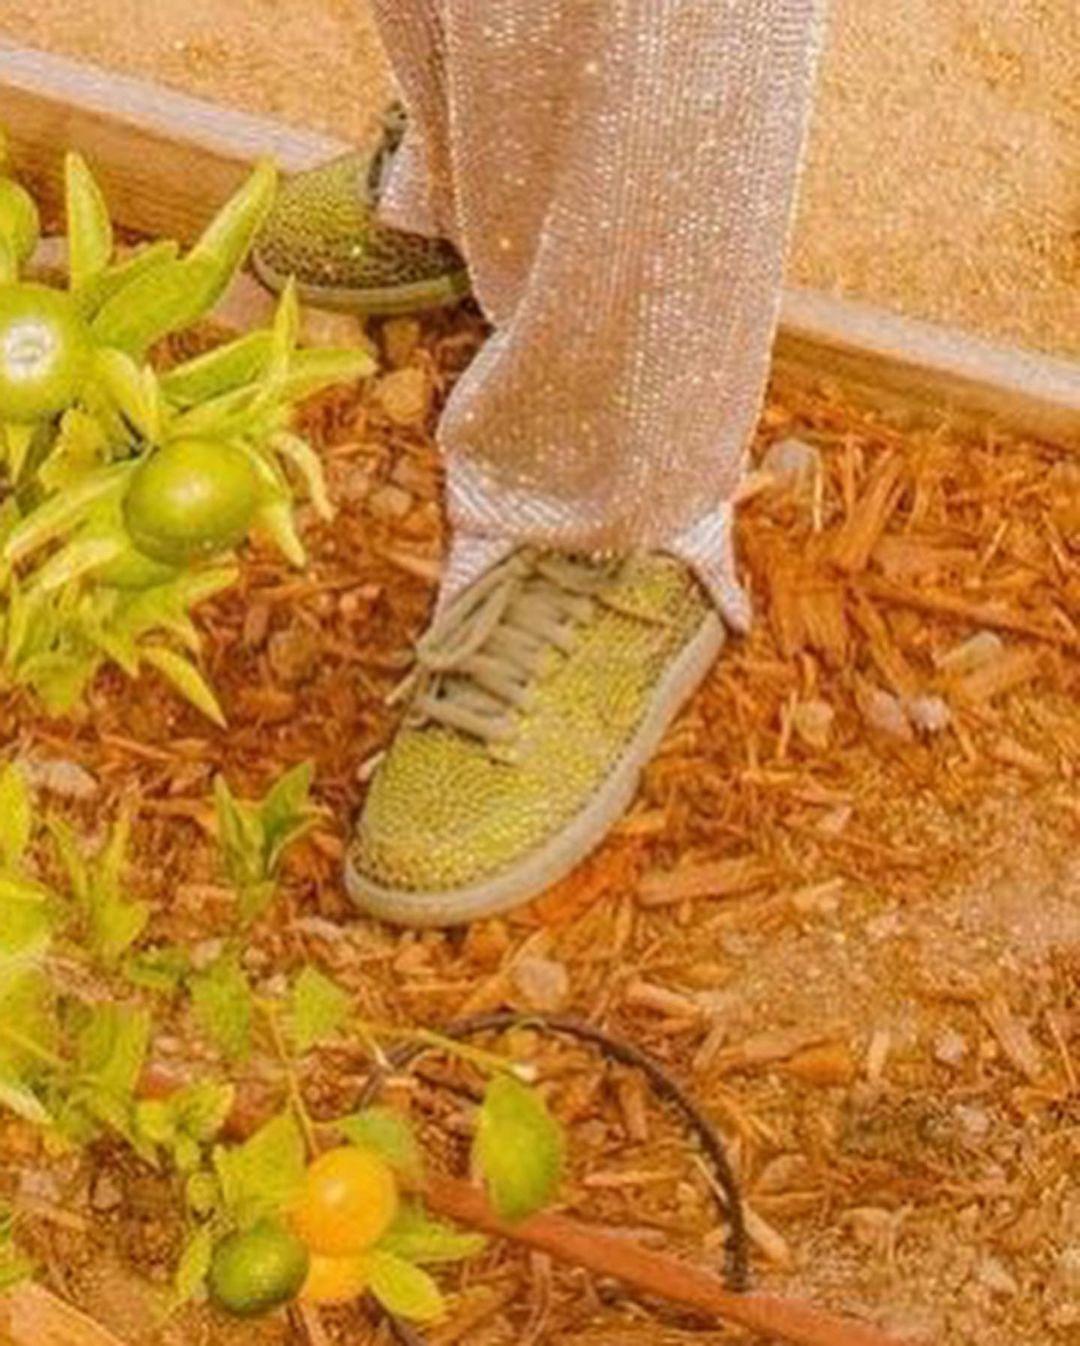 cactus-plant-flea-market-cpfm-nike-dunk-low-release-2020